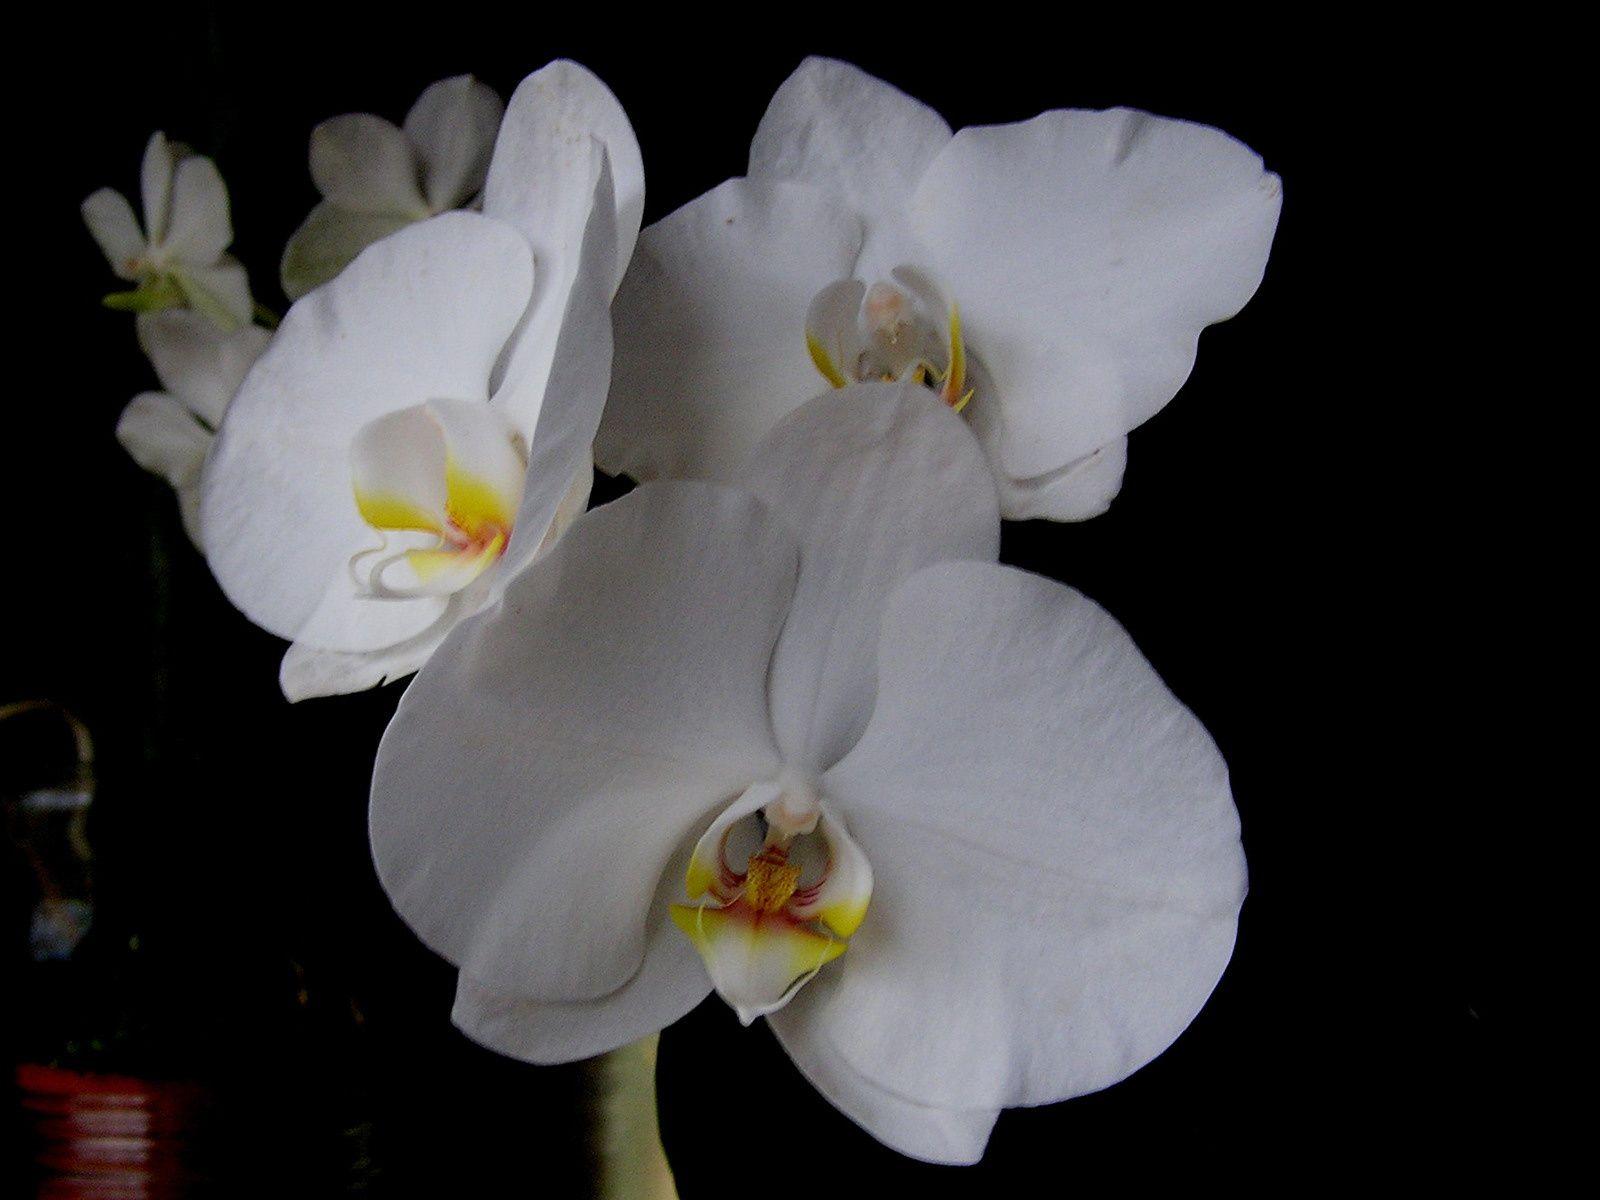 Les orchidées sont inscrites dans une passion sans cesse grandissante et j'aime la partager avec vous